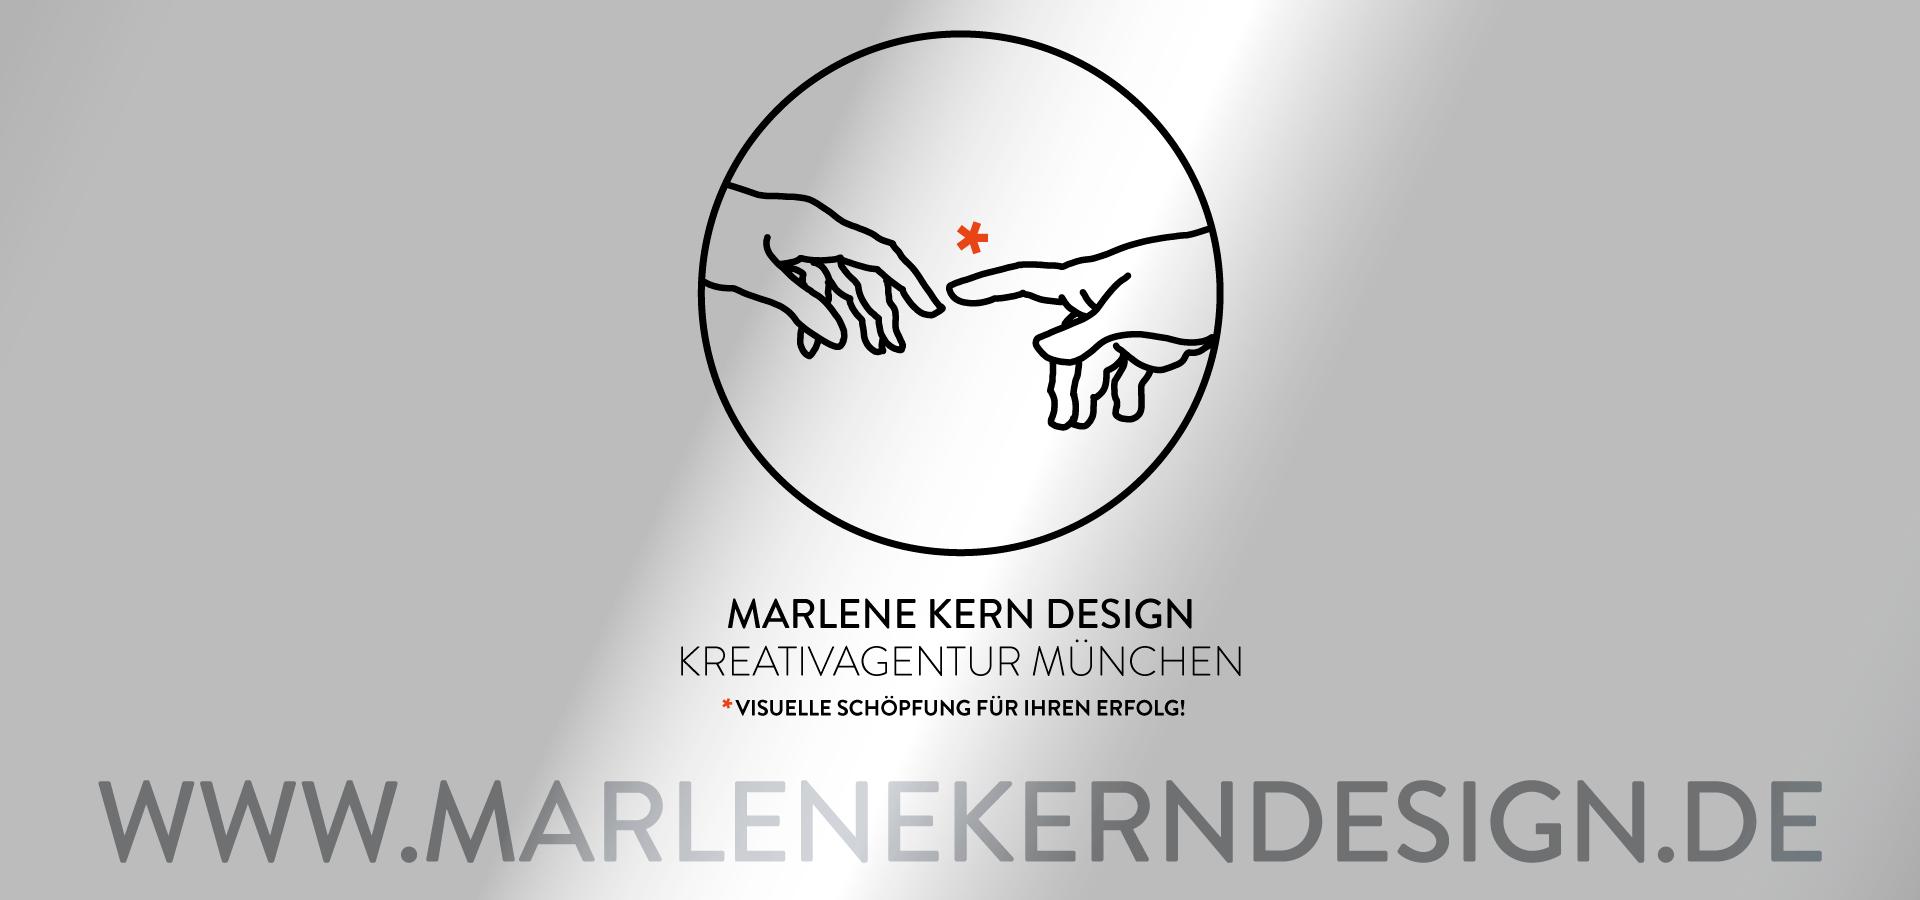 Marlene Kern Design auf neuer Internetadresse: www.marlenekerndesign.de. Sie sehen das Logo von Marlene Kern Design zusammen mit der neuen Internetadresse www.marlenekerndesign.de